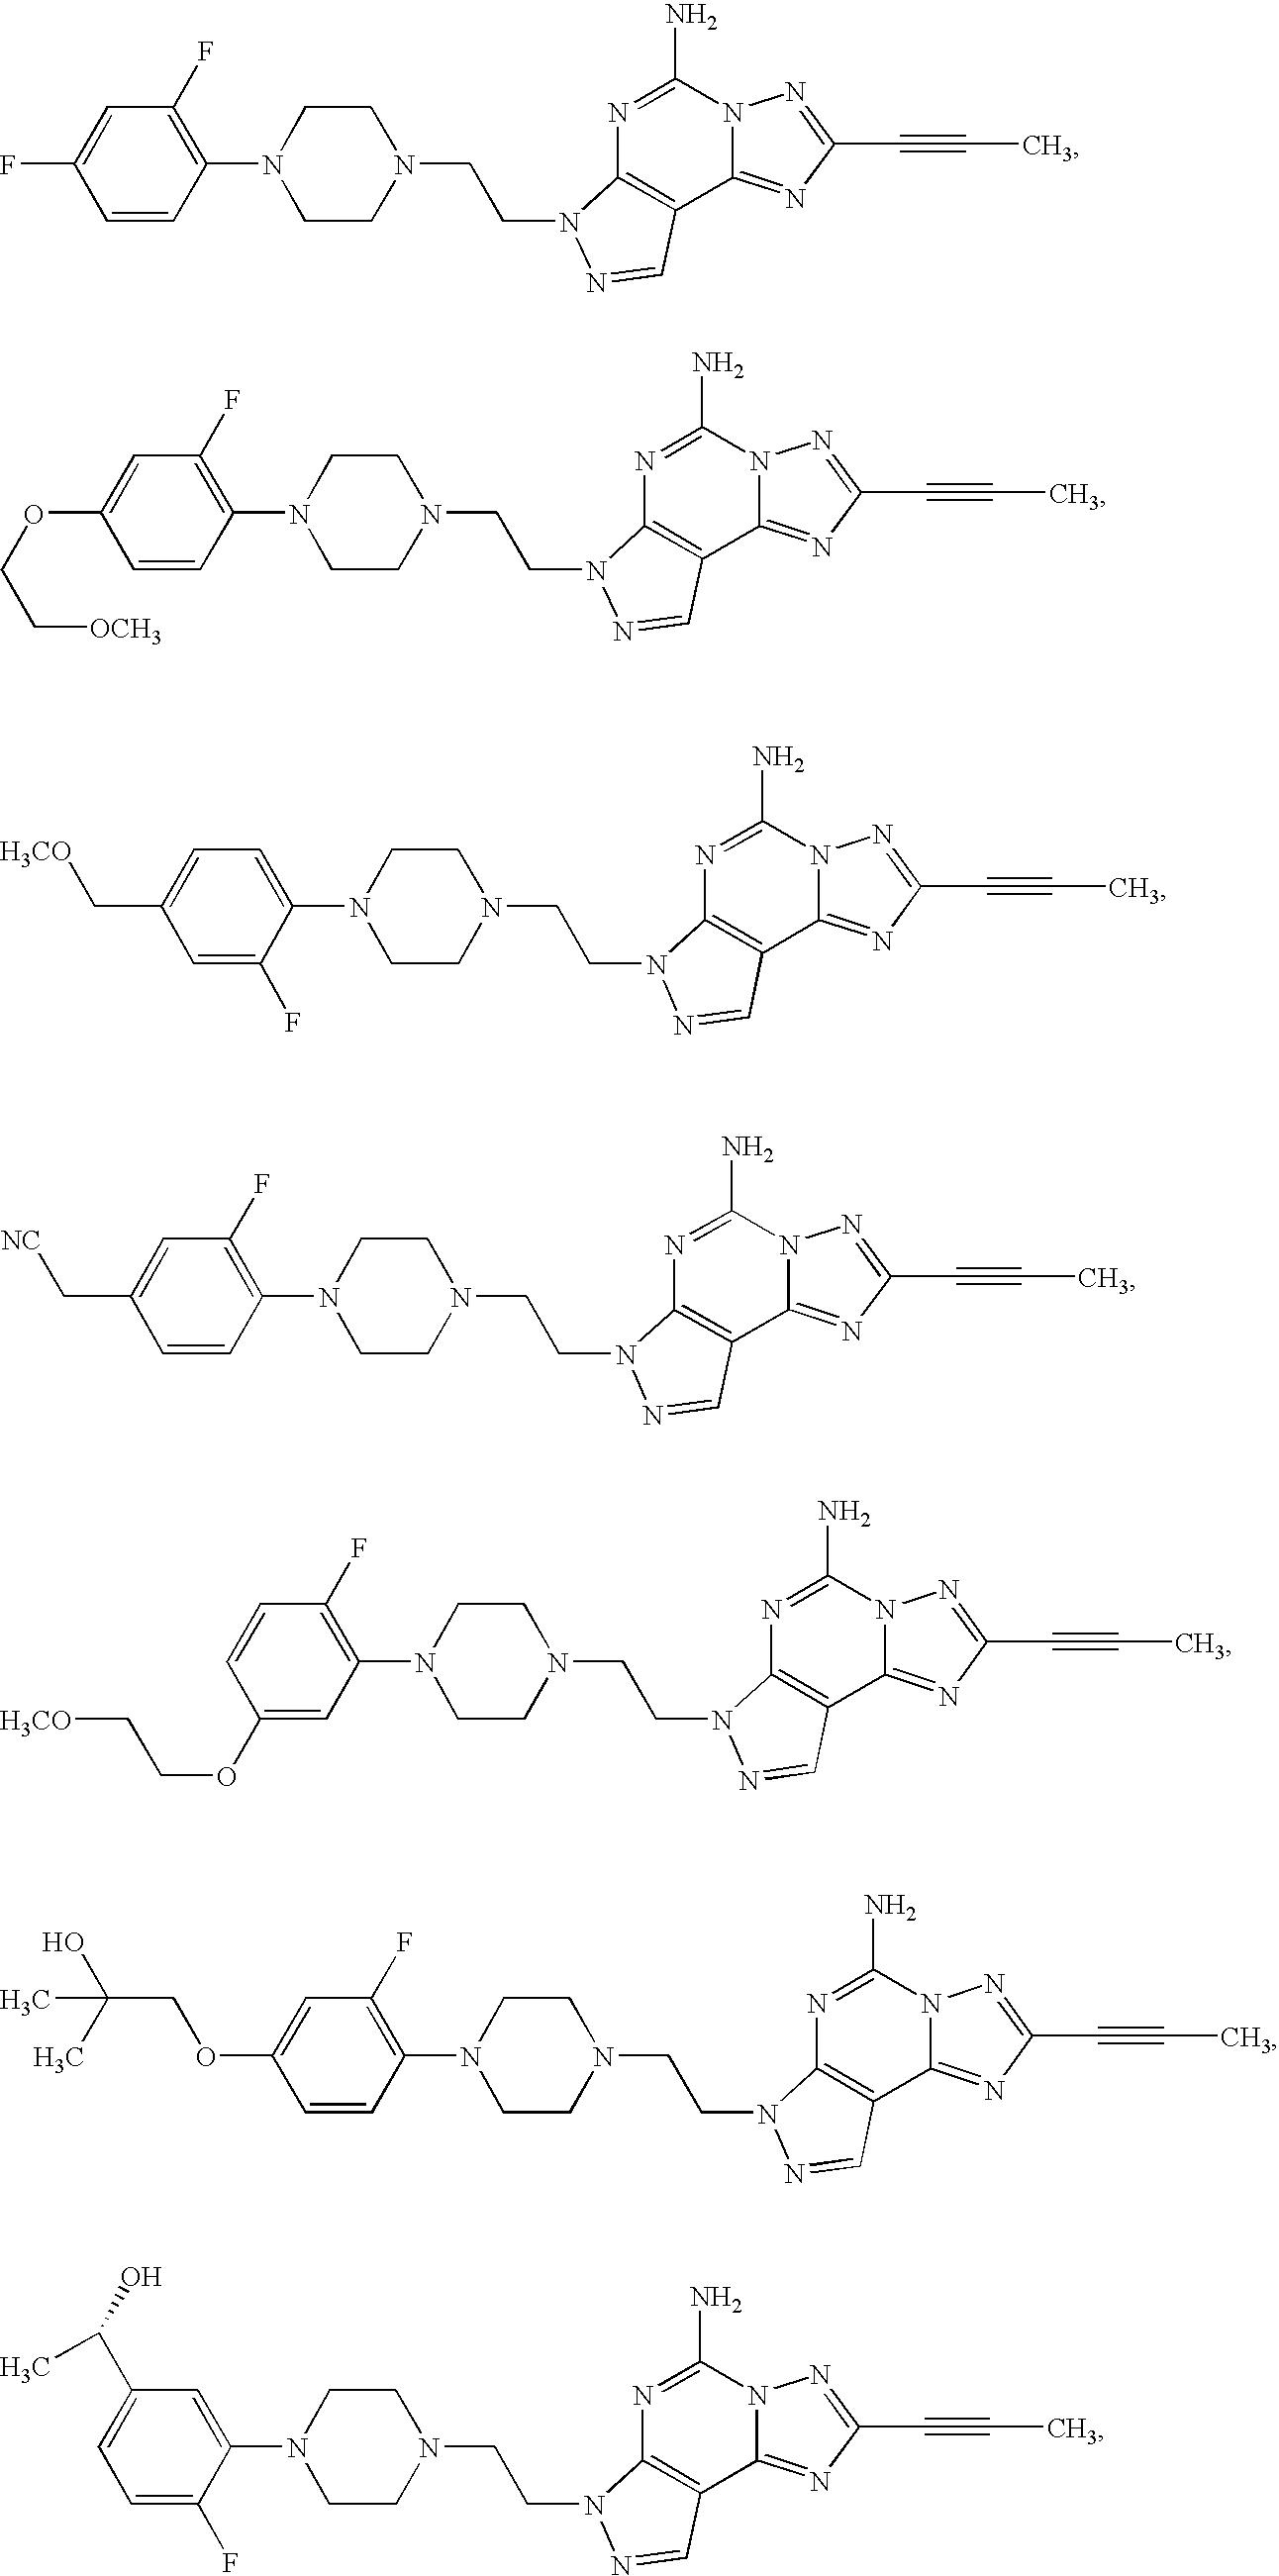 Figure US06897217-20050524-C00542